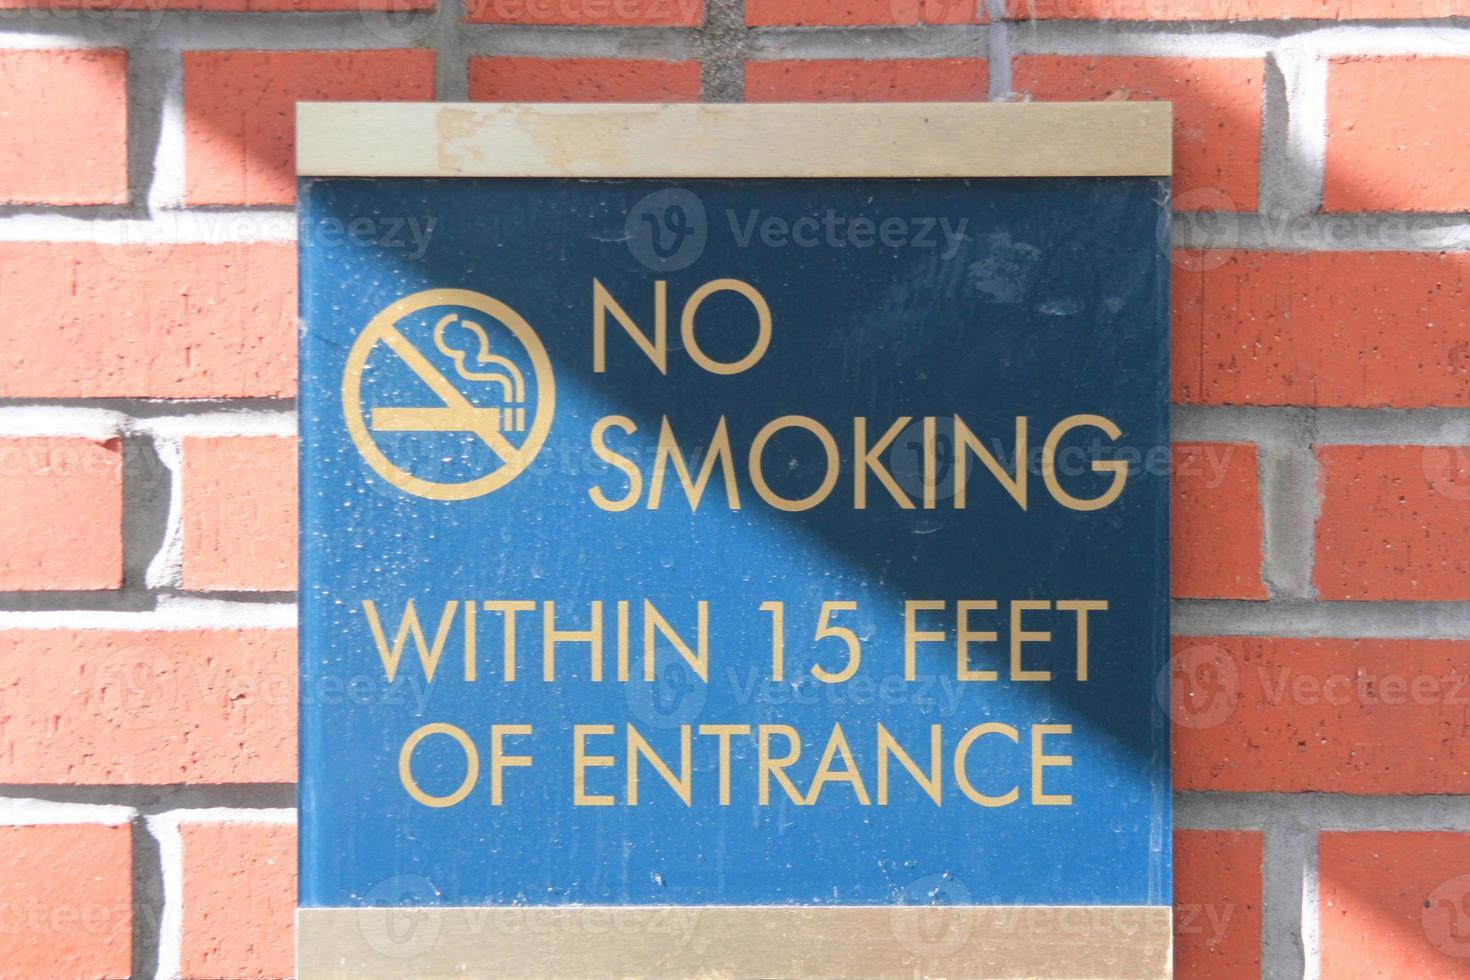 ingen rökning inom 15 meter från ingångsskylt foto